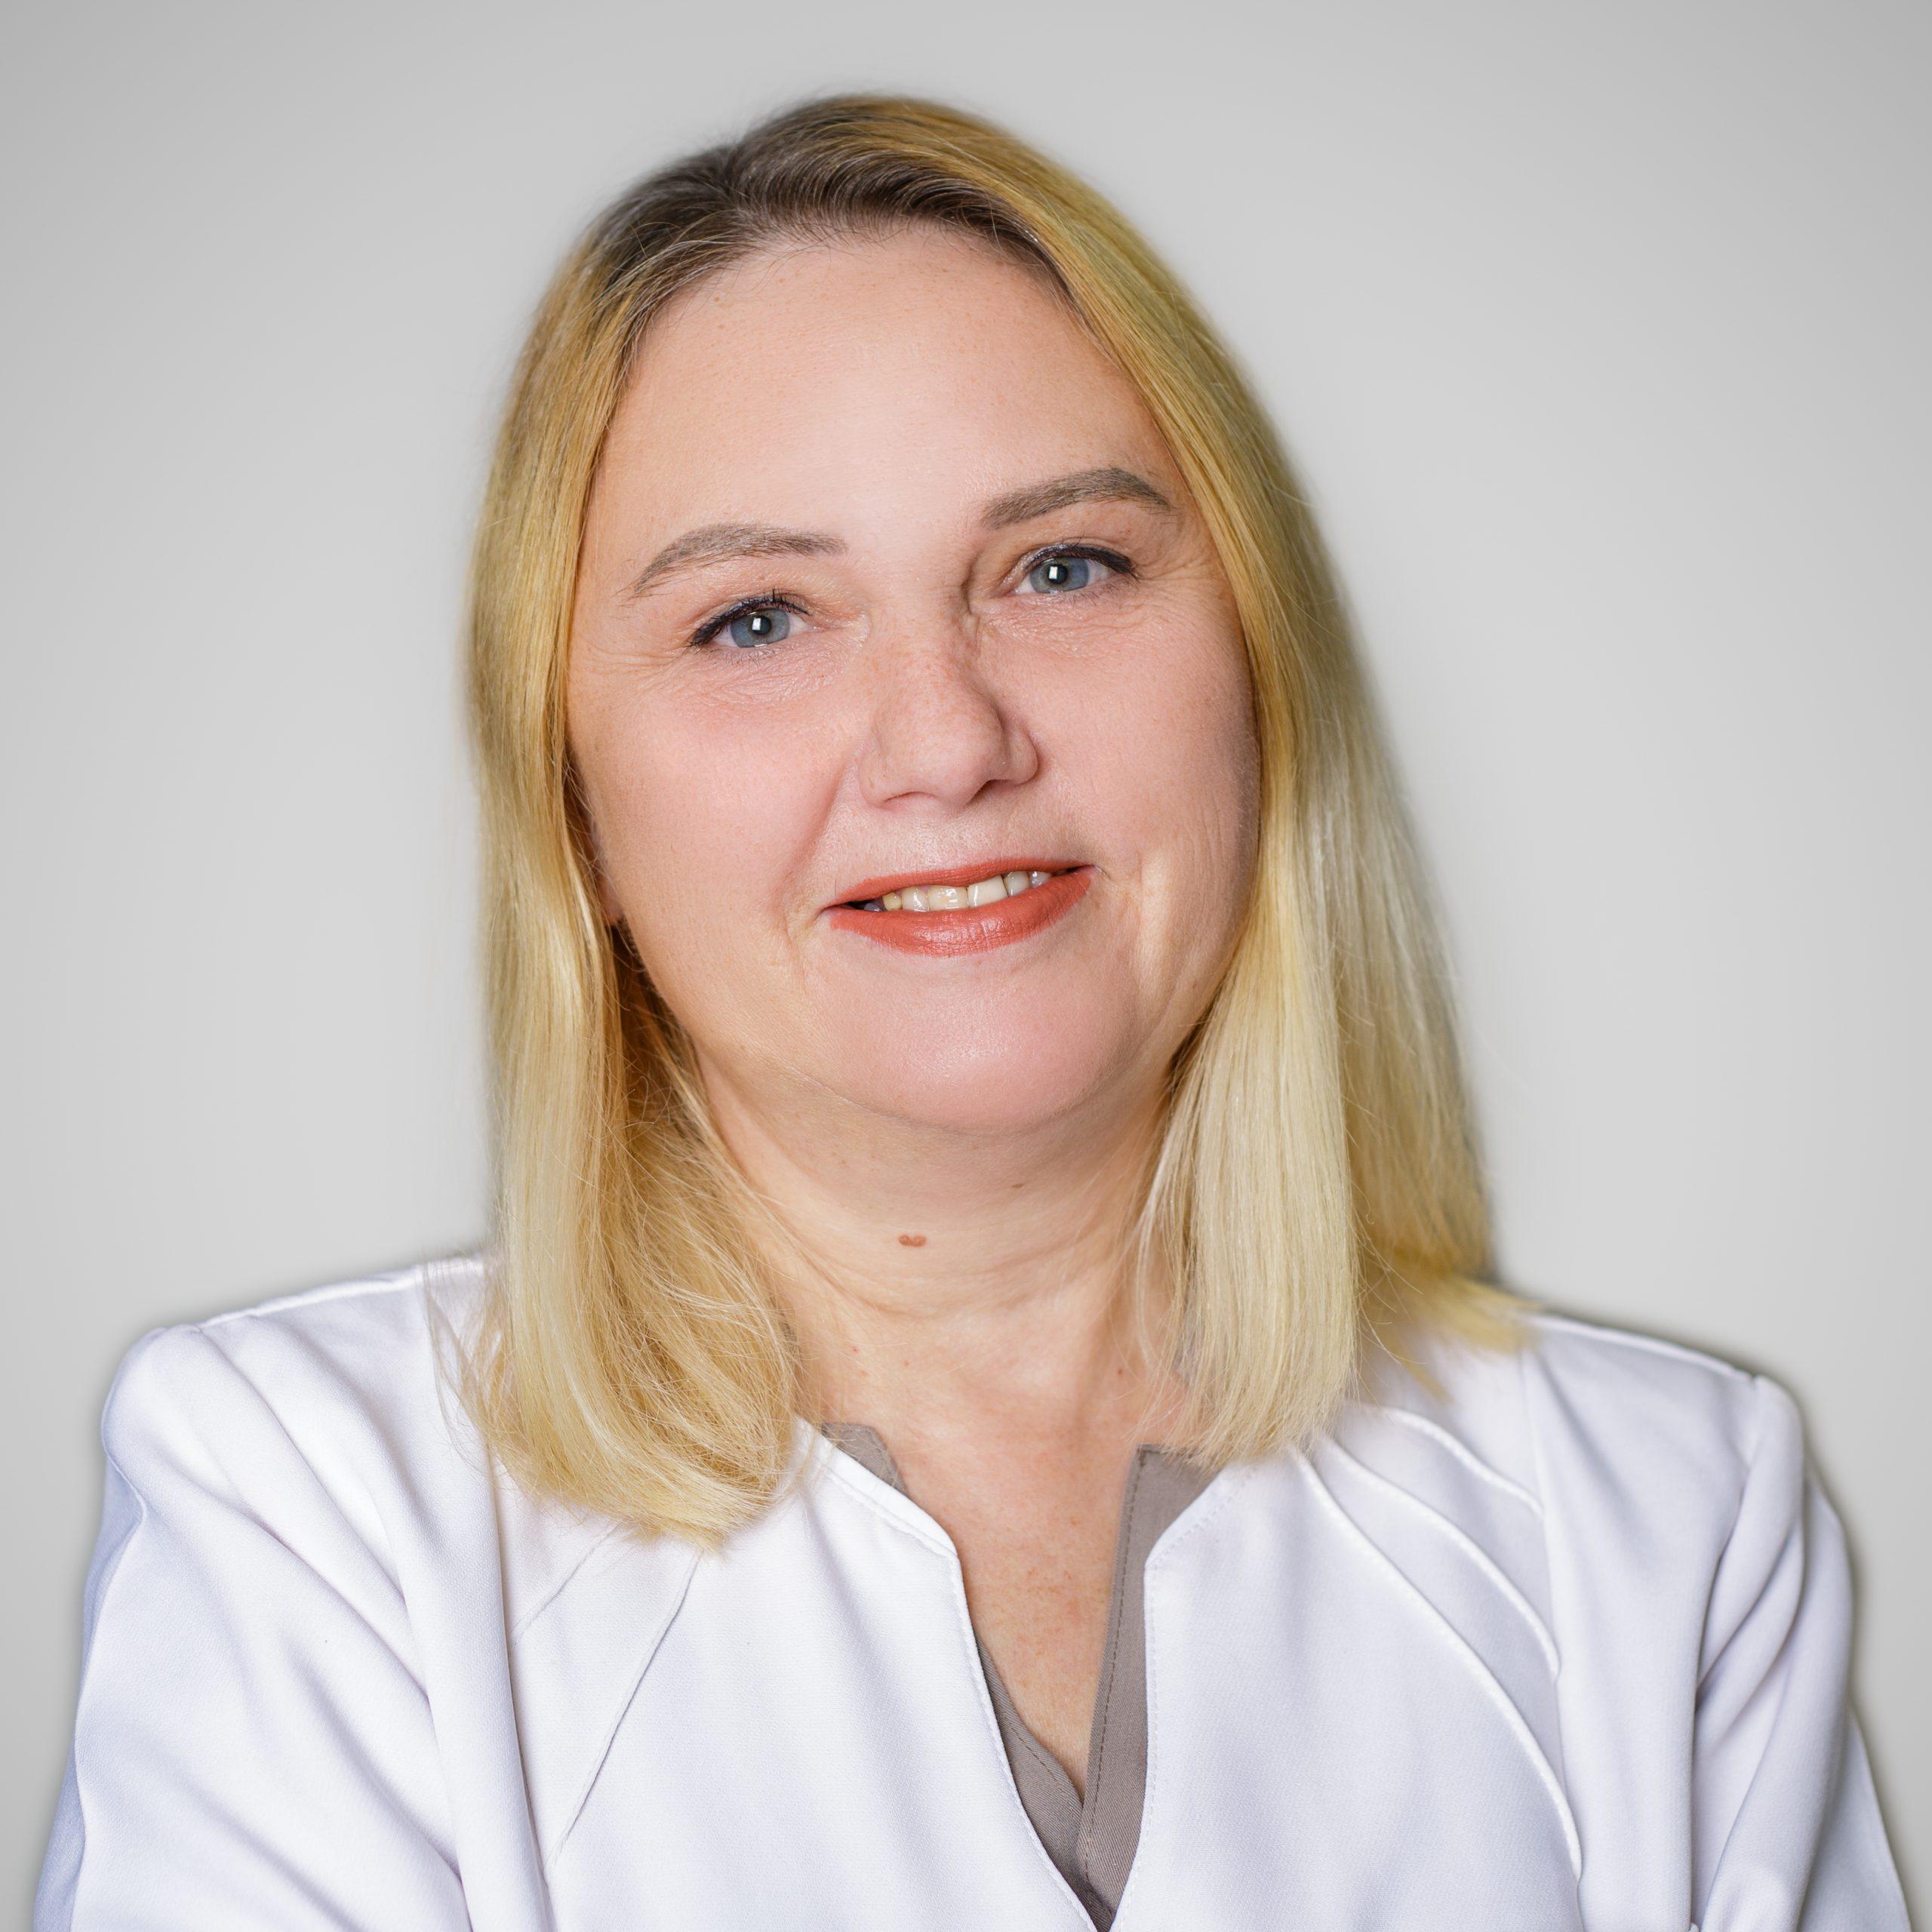 Monika Monkelienė